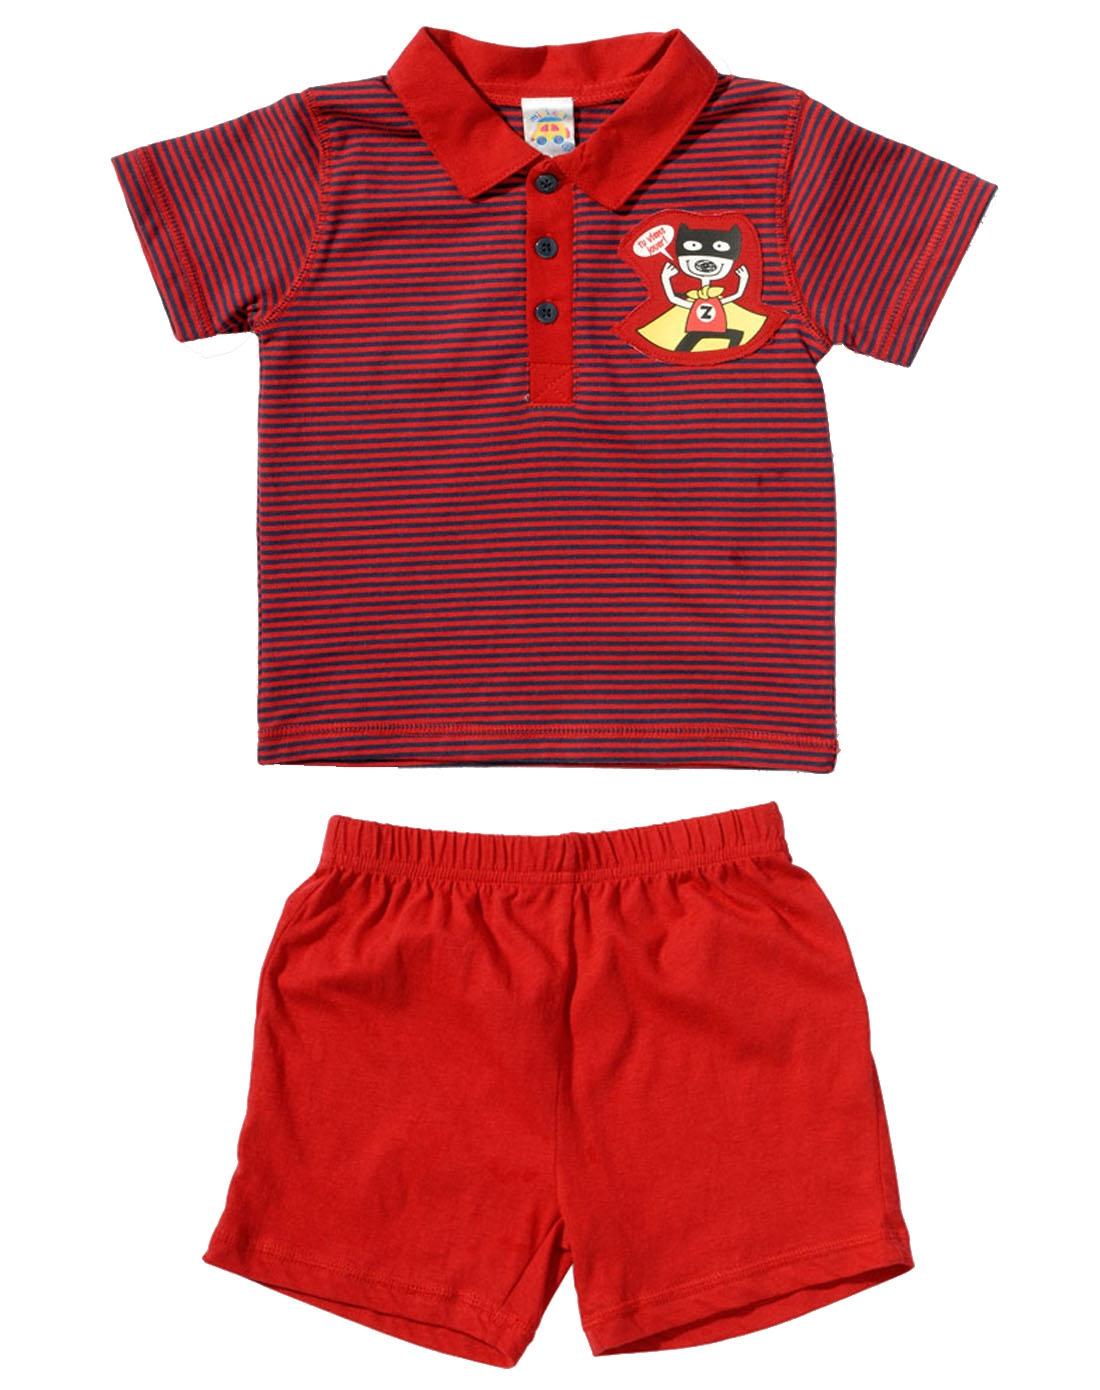 男童红色短袖上衣裤子二件套装